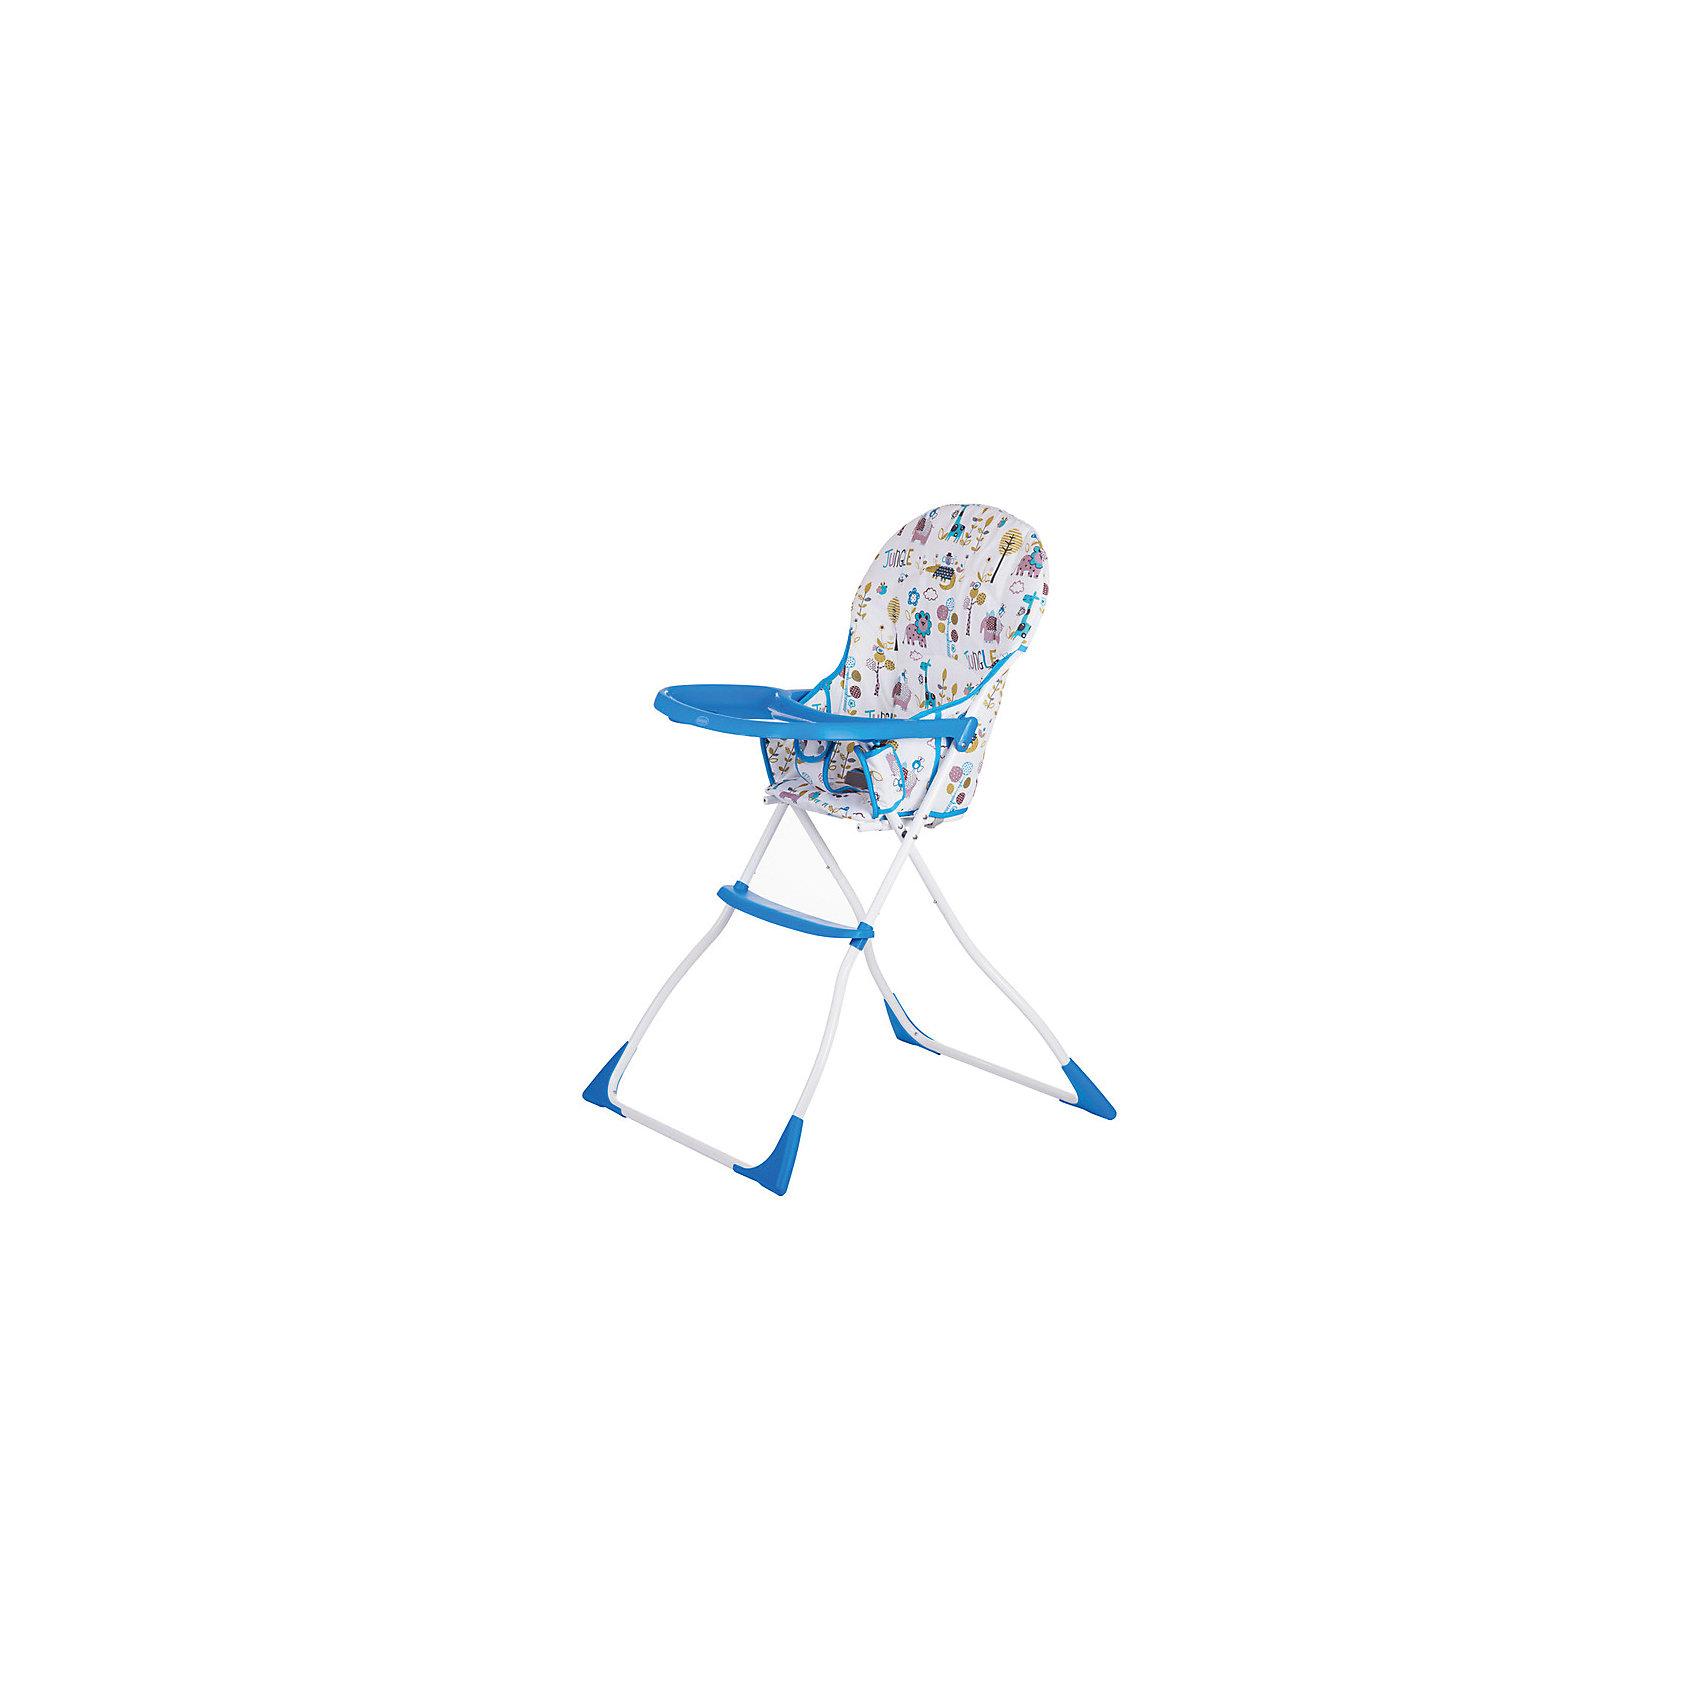 Стульчик для кормления BONBON, Babyhit, белый/голубойСтульчики для кормления<br>Новинка 2016 года!<br><br>Особенности стульчика для кормления Babyhit Bonbon:<br>Двухточечная  система удерживающих ремней<br>Паховый ремень<br>Нерегулируемый и несъемный столик<br>Чехол – полиэстер с пропиткой<br>Компактное складывание<br><br>Ширина мм: 640<br>Глубина мм: 150<br>Высота мм: 550<br>Вес г: 5300<br>Возраст от месяцев: 6<br>Возраст до месяцев: 36<br>Пол: Унисекс<br>Возраст: Детский<br>SKU: 5139264